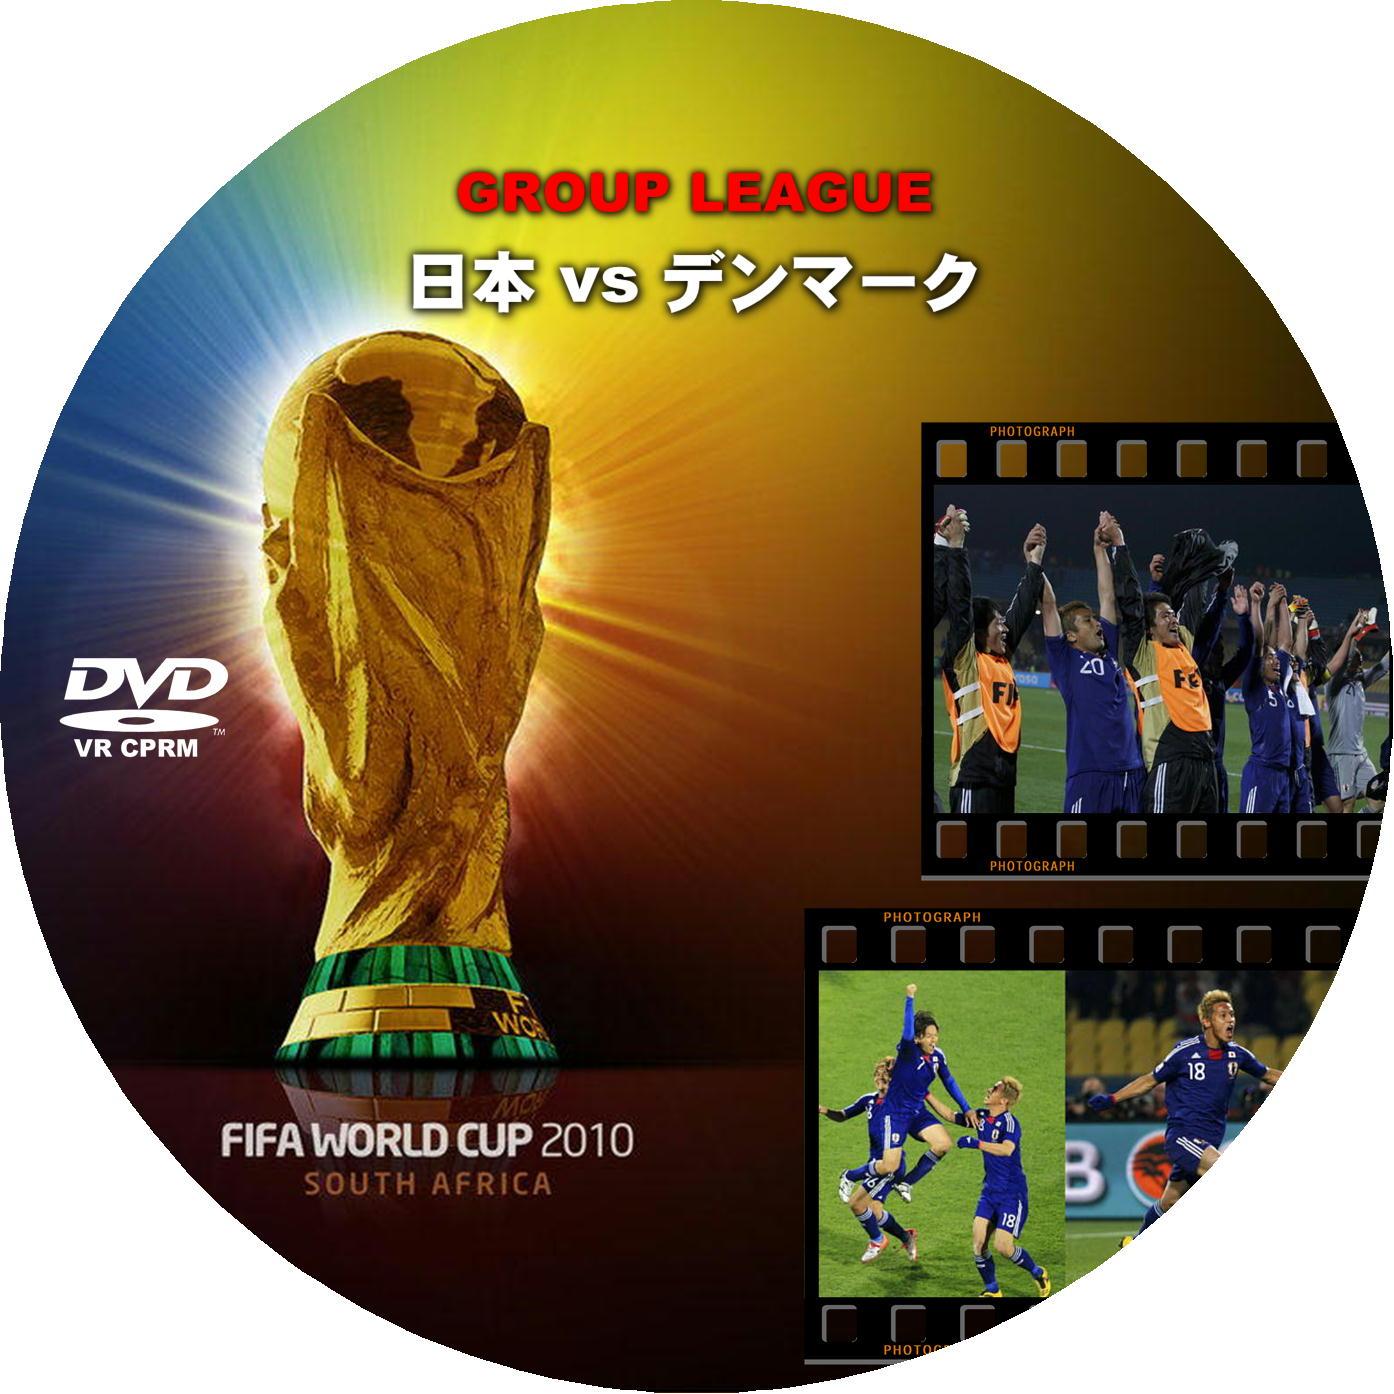 FIFA ワールドカップ 2010 日本 vs デンマーク DVDラベル